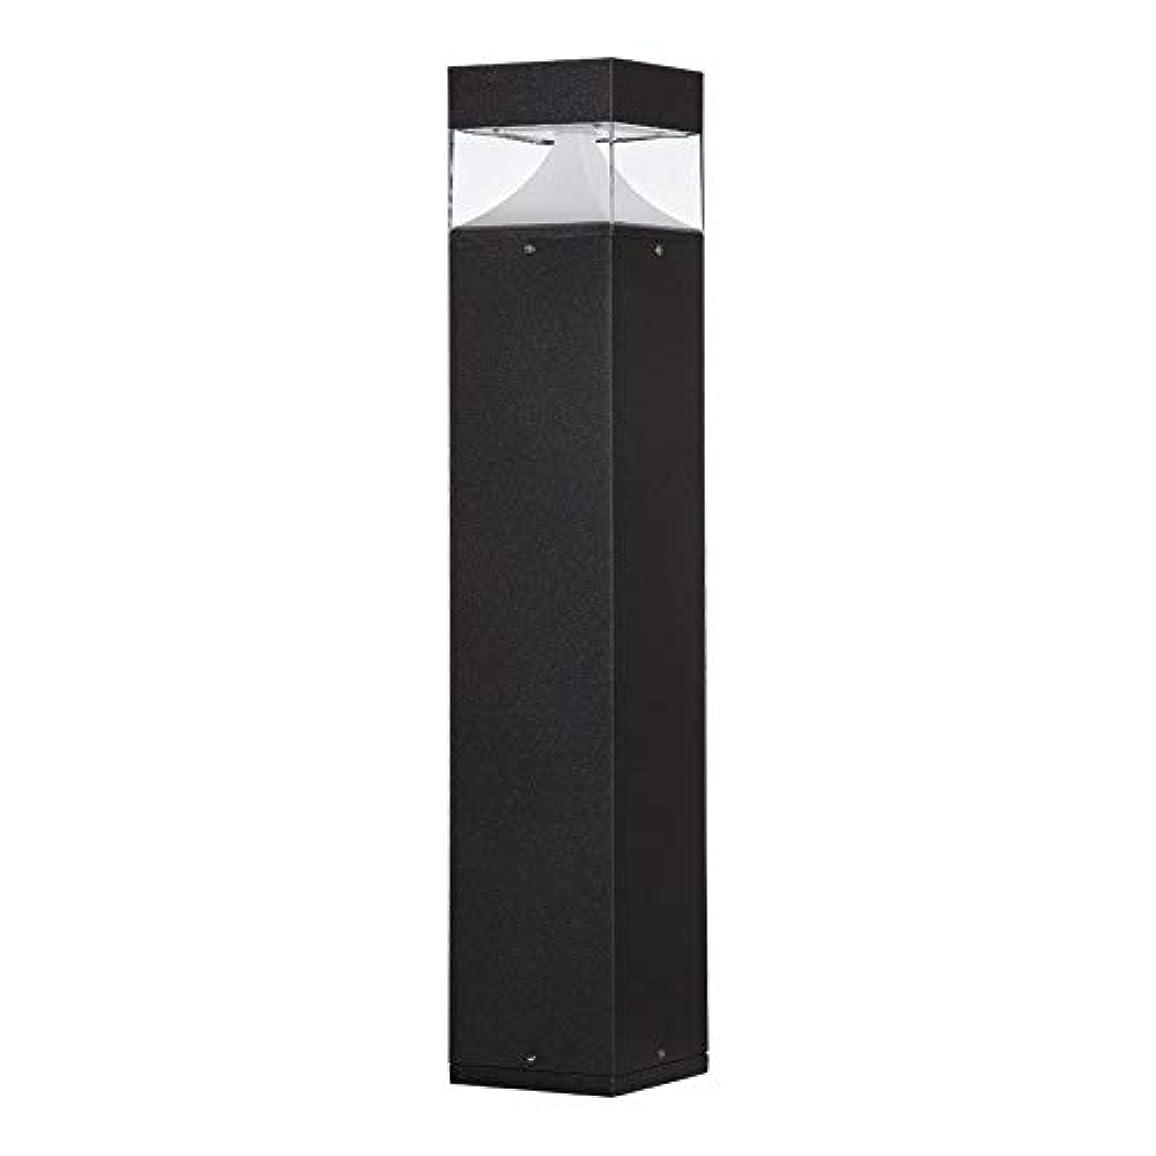 コマンド薬用違反するPinjeer 12ワットledブラック3000K高さ80センチ屋外風景ピラーライトモダンシンプル防水アルミpcポストライトコミュニティパーク芝生ガーデンストリート装飾コラムランプ